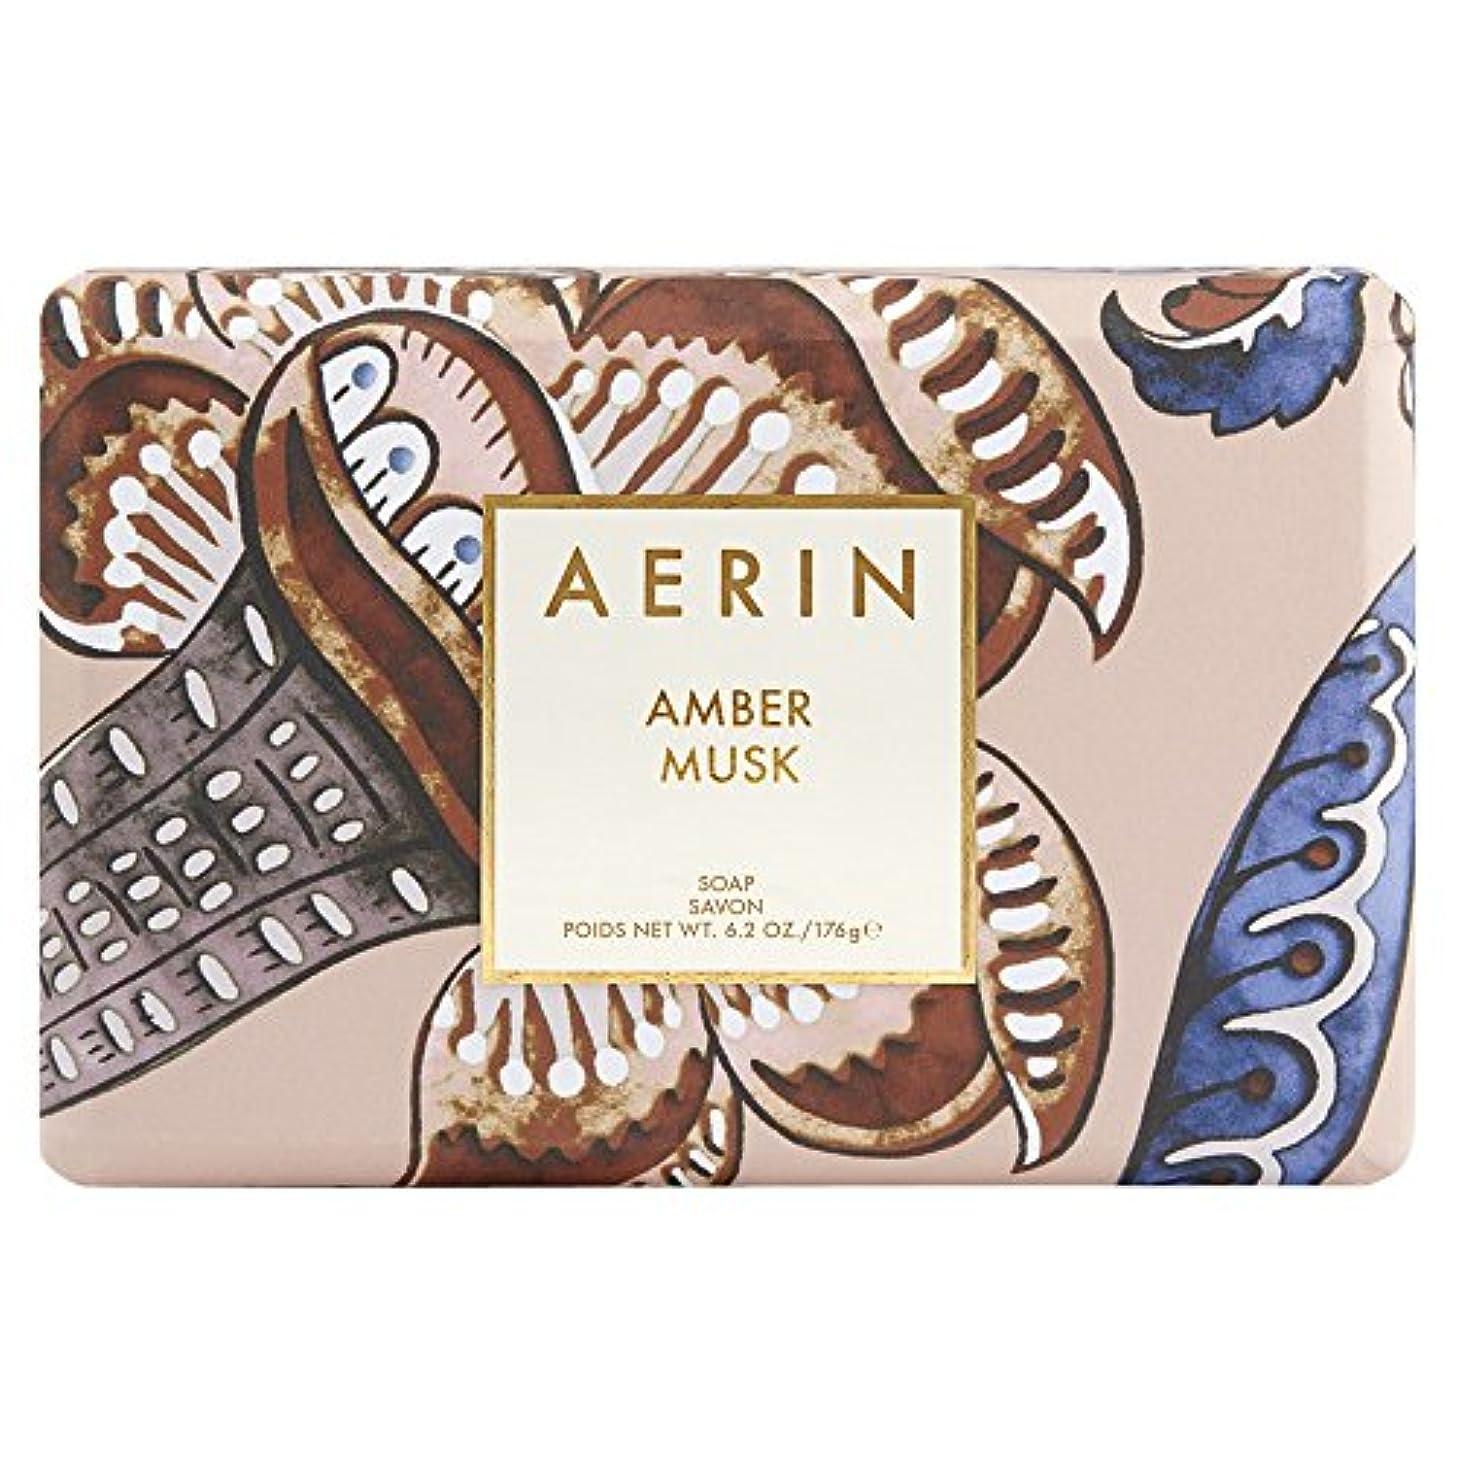 作曲する没頭する鮫Aerinアンバームスクソープ176グラム (AERIN) (x6) - AERIN Amber Musk Soap 176g (Pack of 6) [並行輸入品]